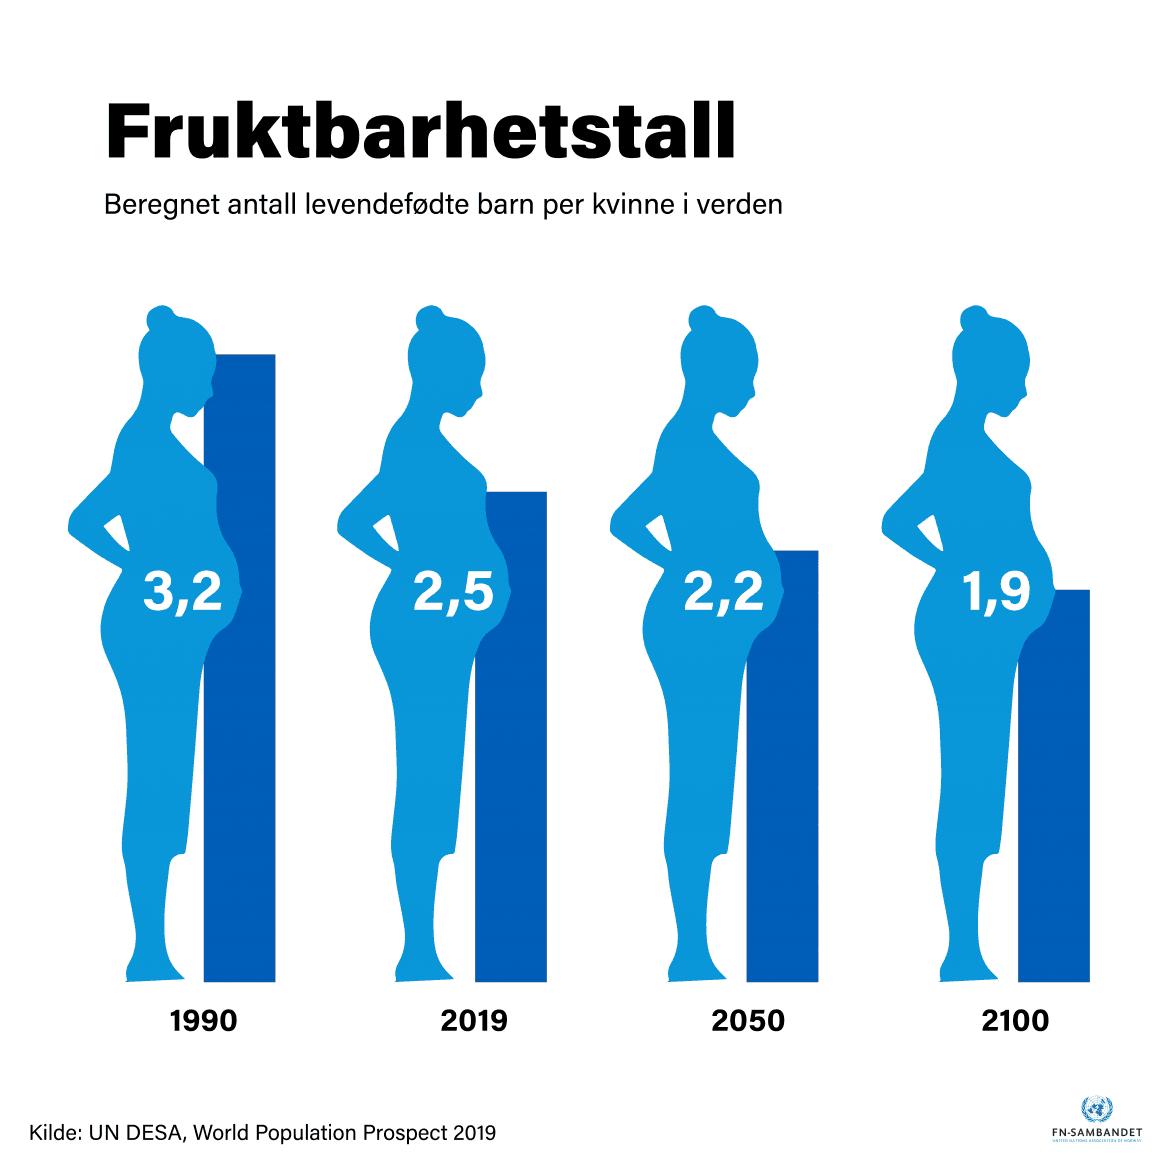 Figuren viser nedgangen i antall levendefødte barn per kvinne fra 3,2 i 1990, 2,5 i 2019, til beregnet 2,2 i 2050 og 1,9 i år 2100. Kilde: FNs befolkningsfond (UN DESA Population Prospects 2019)